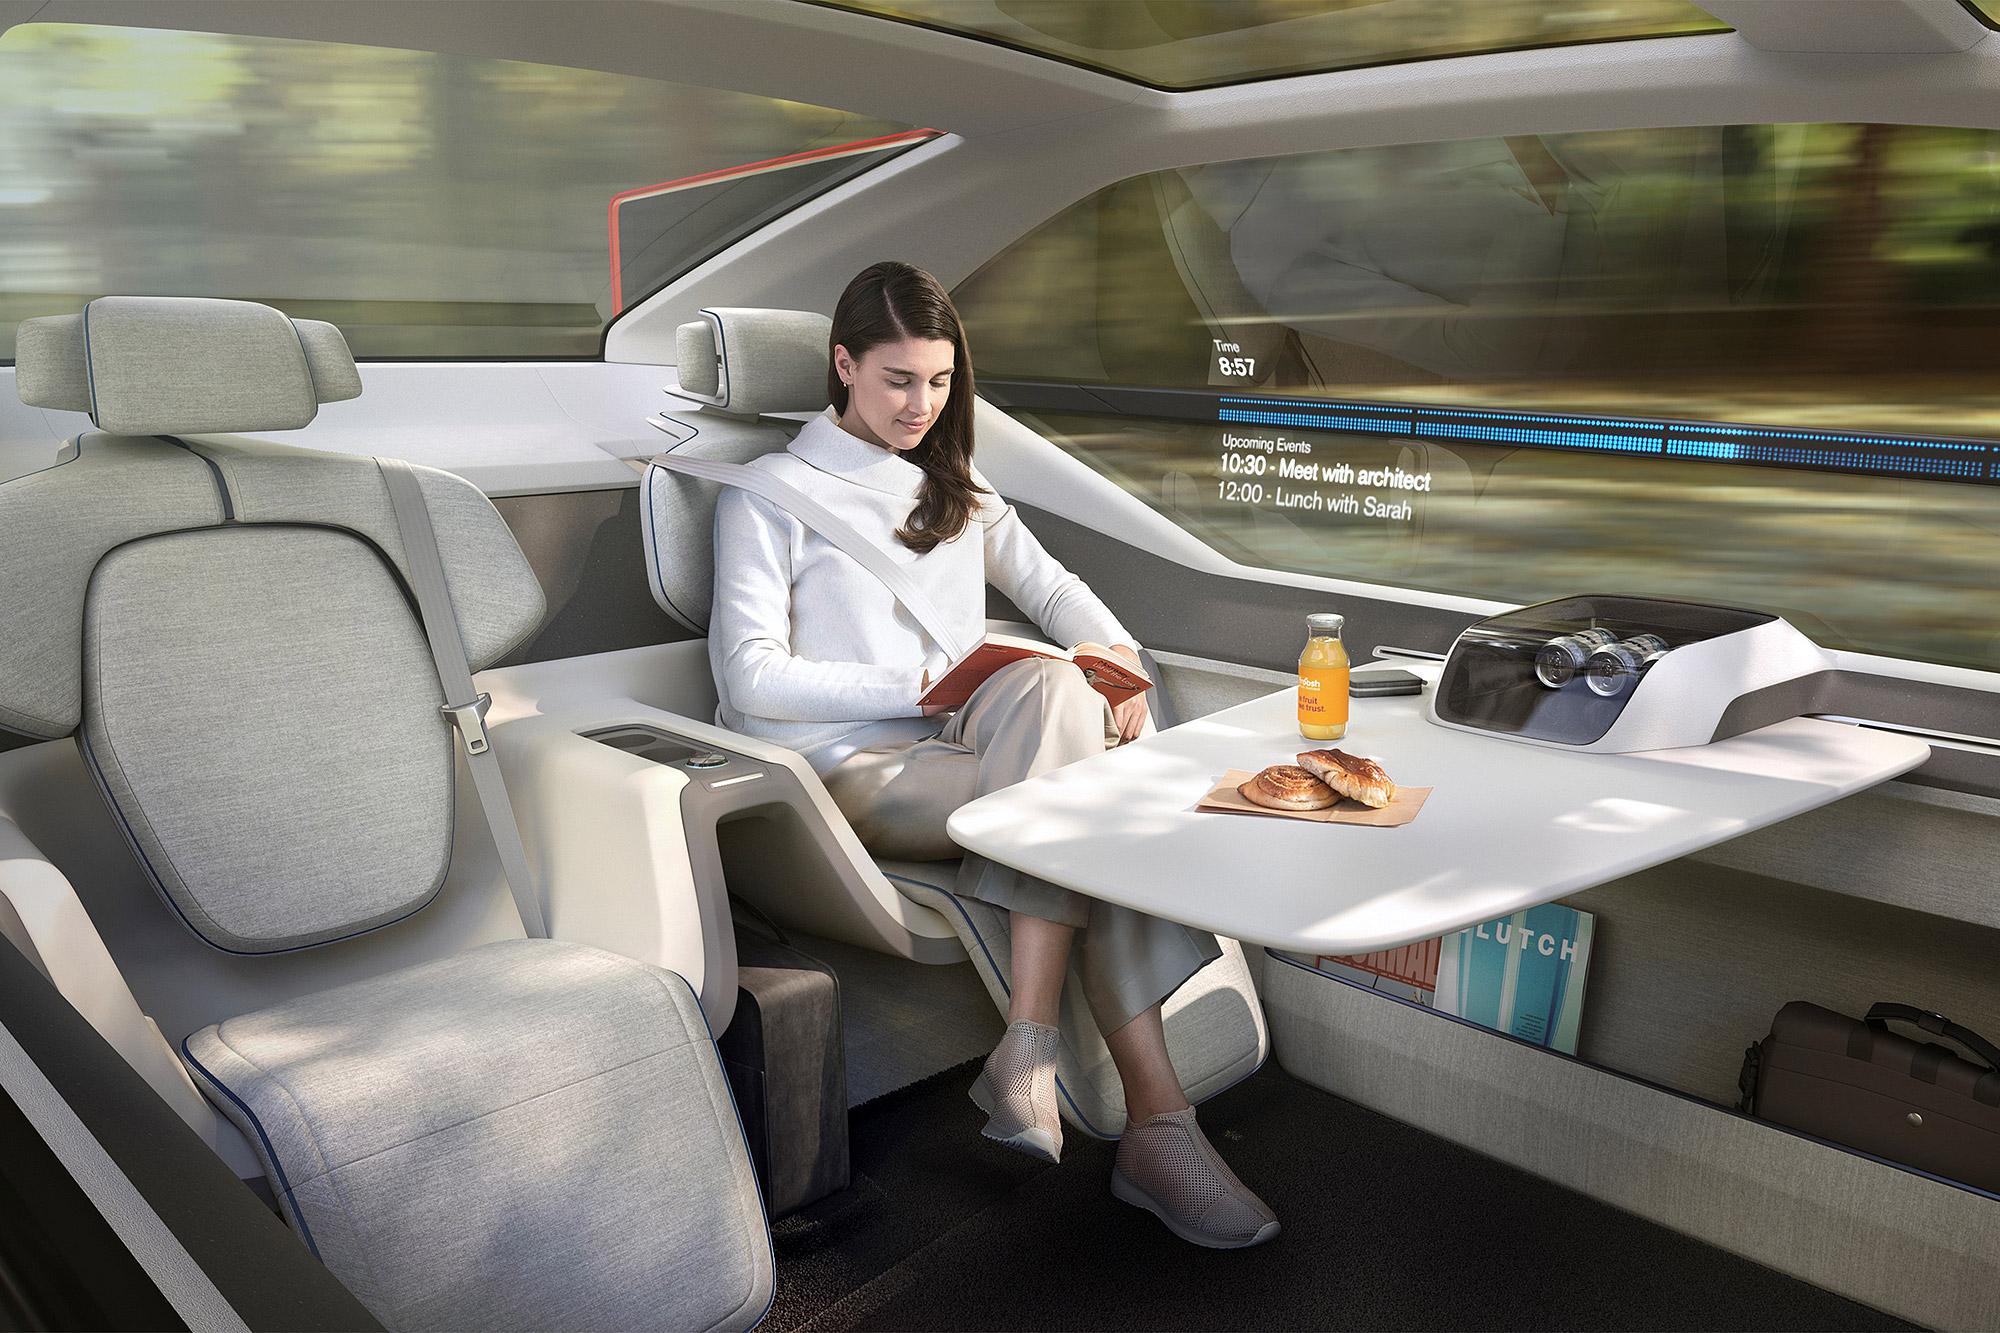 未來自動駕駛技術的導入,也將為汽車產業帶來另一番改變。